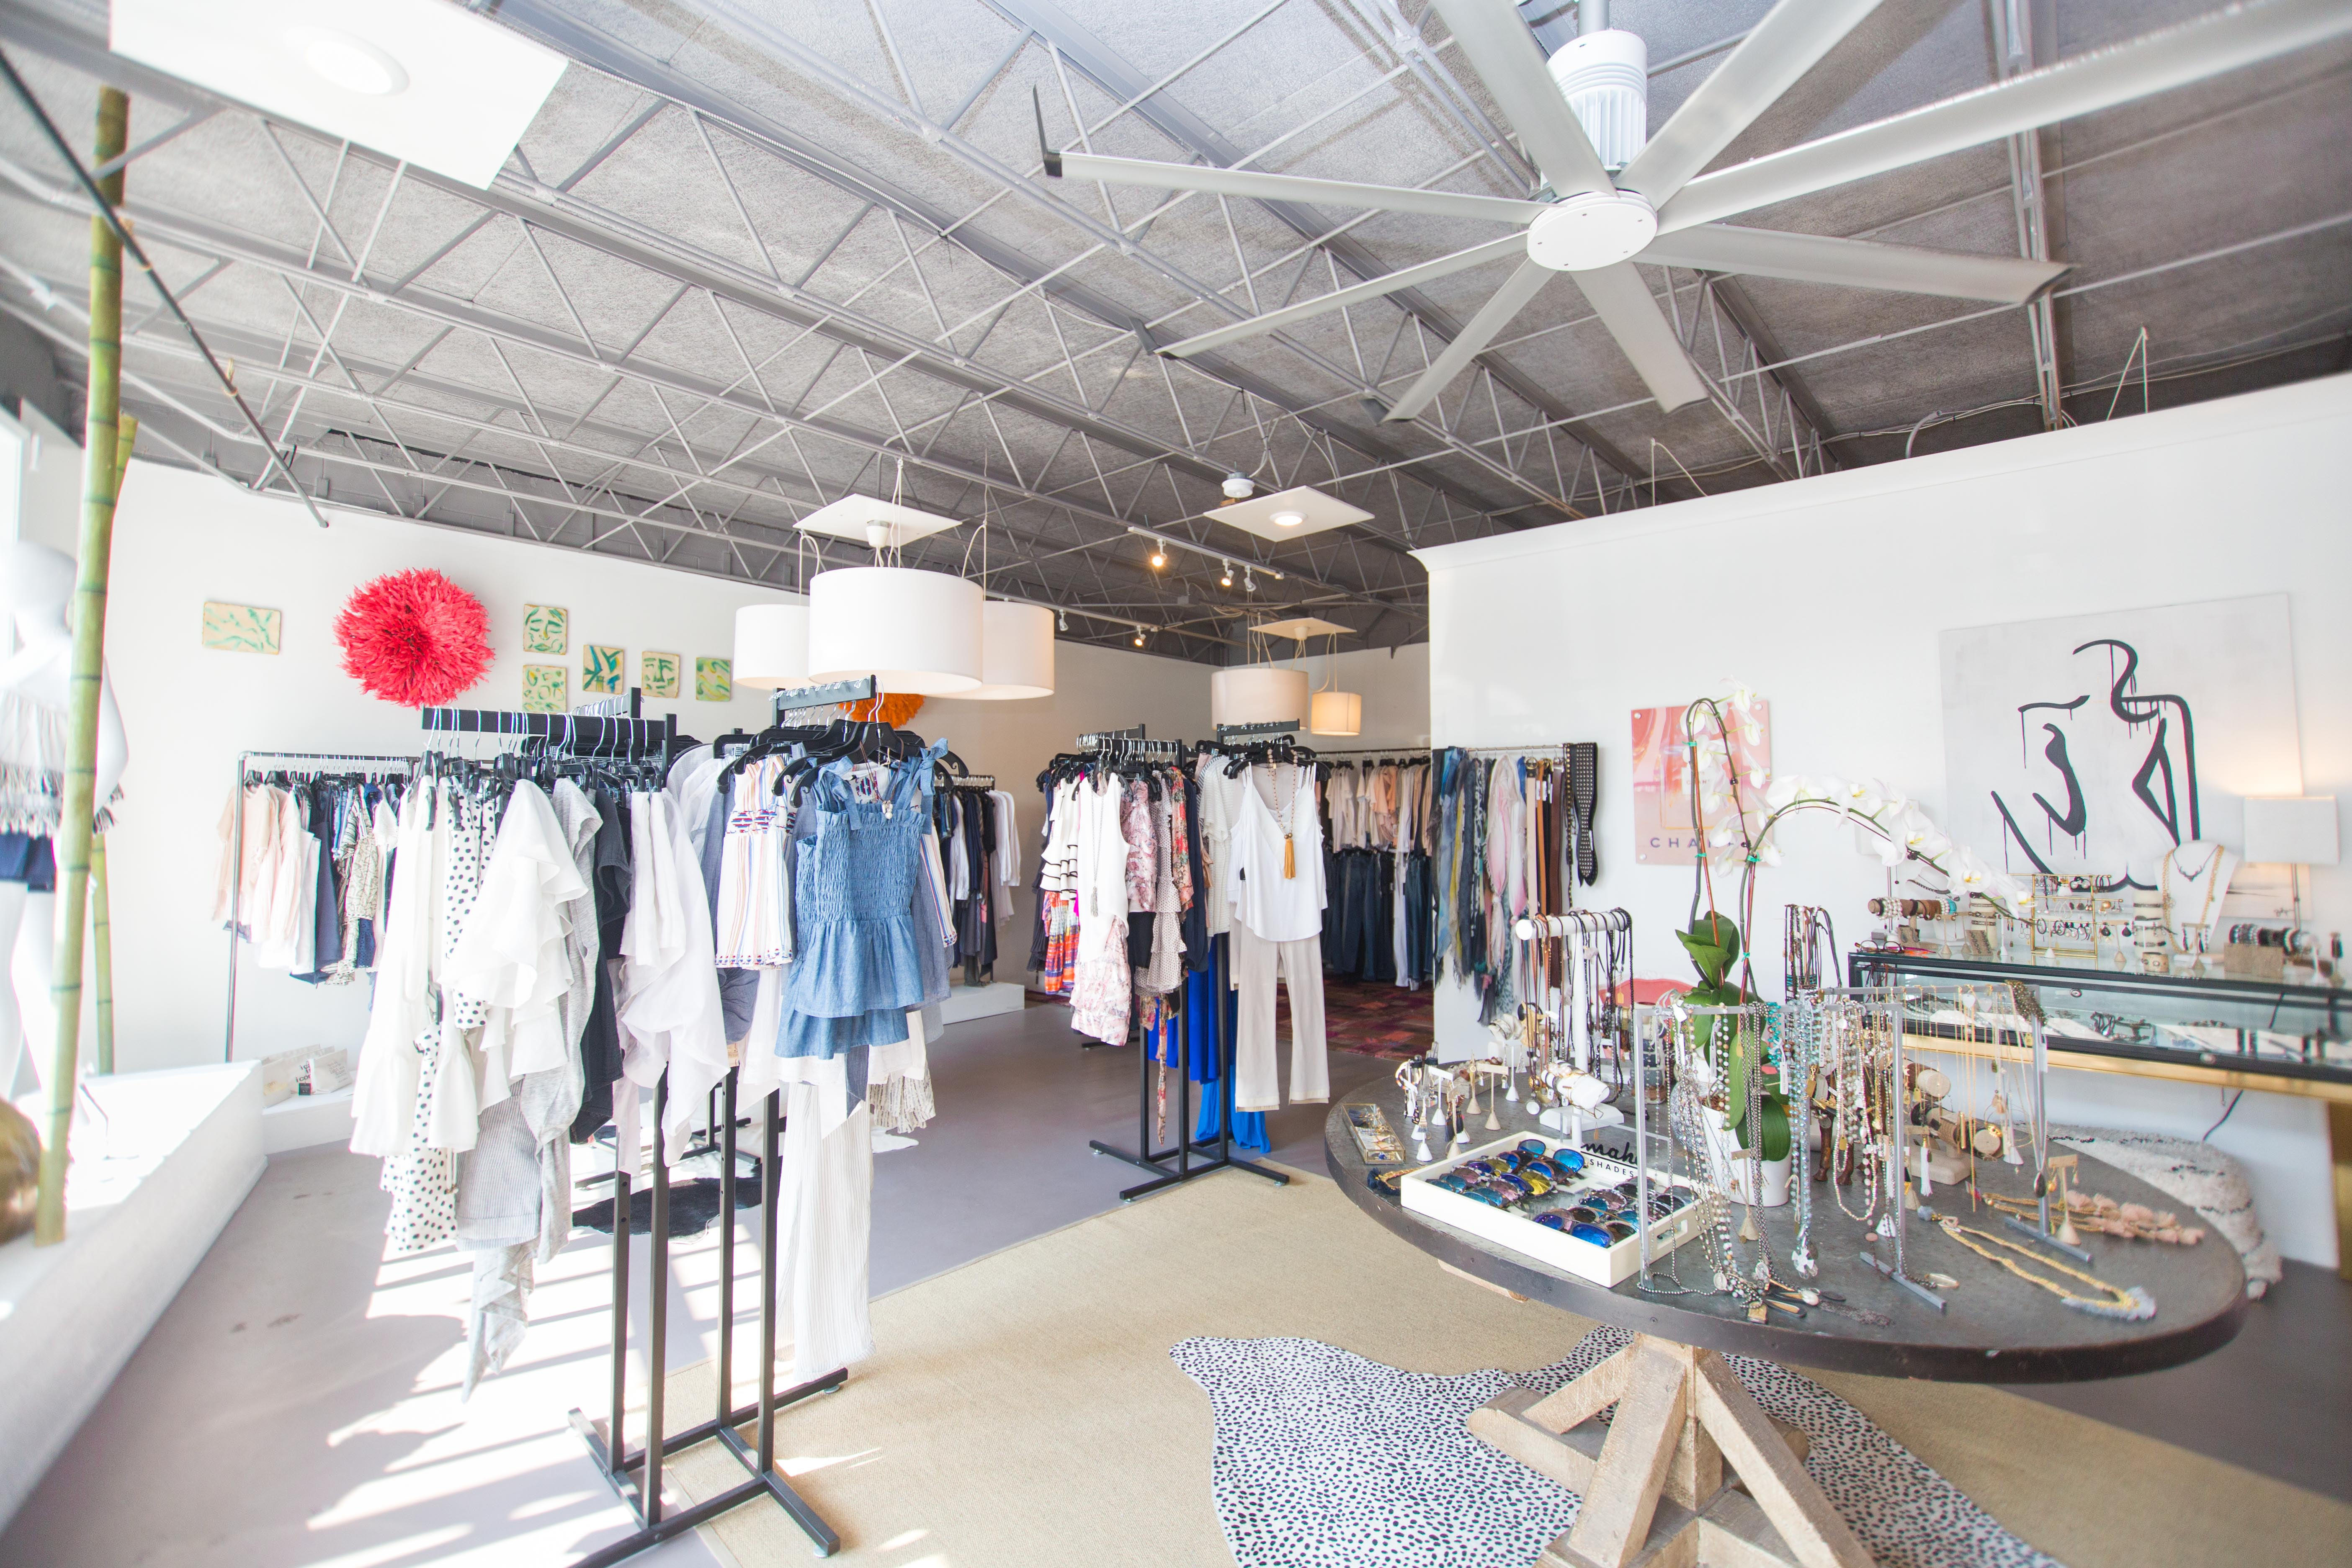 Dukes Clothier image 9